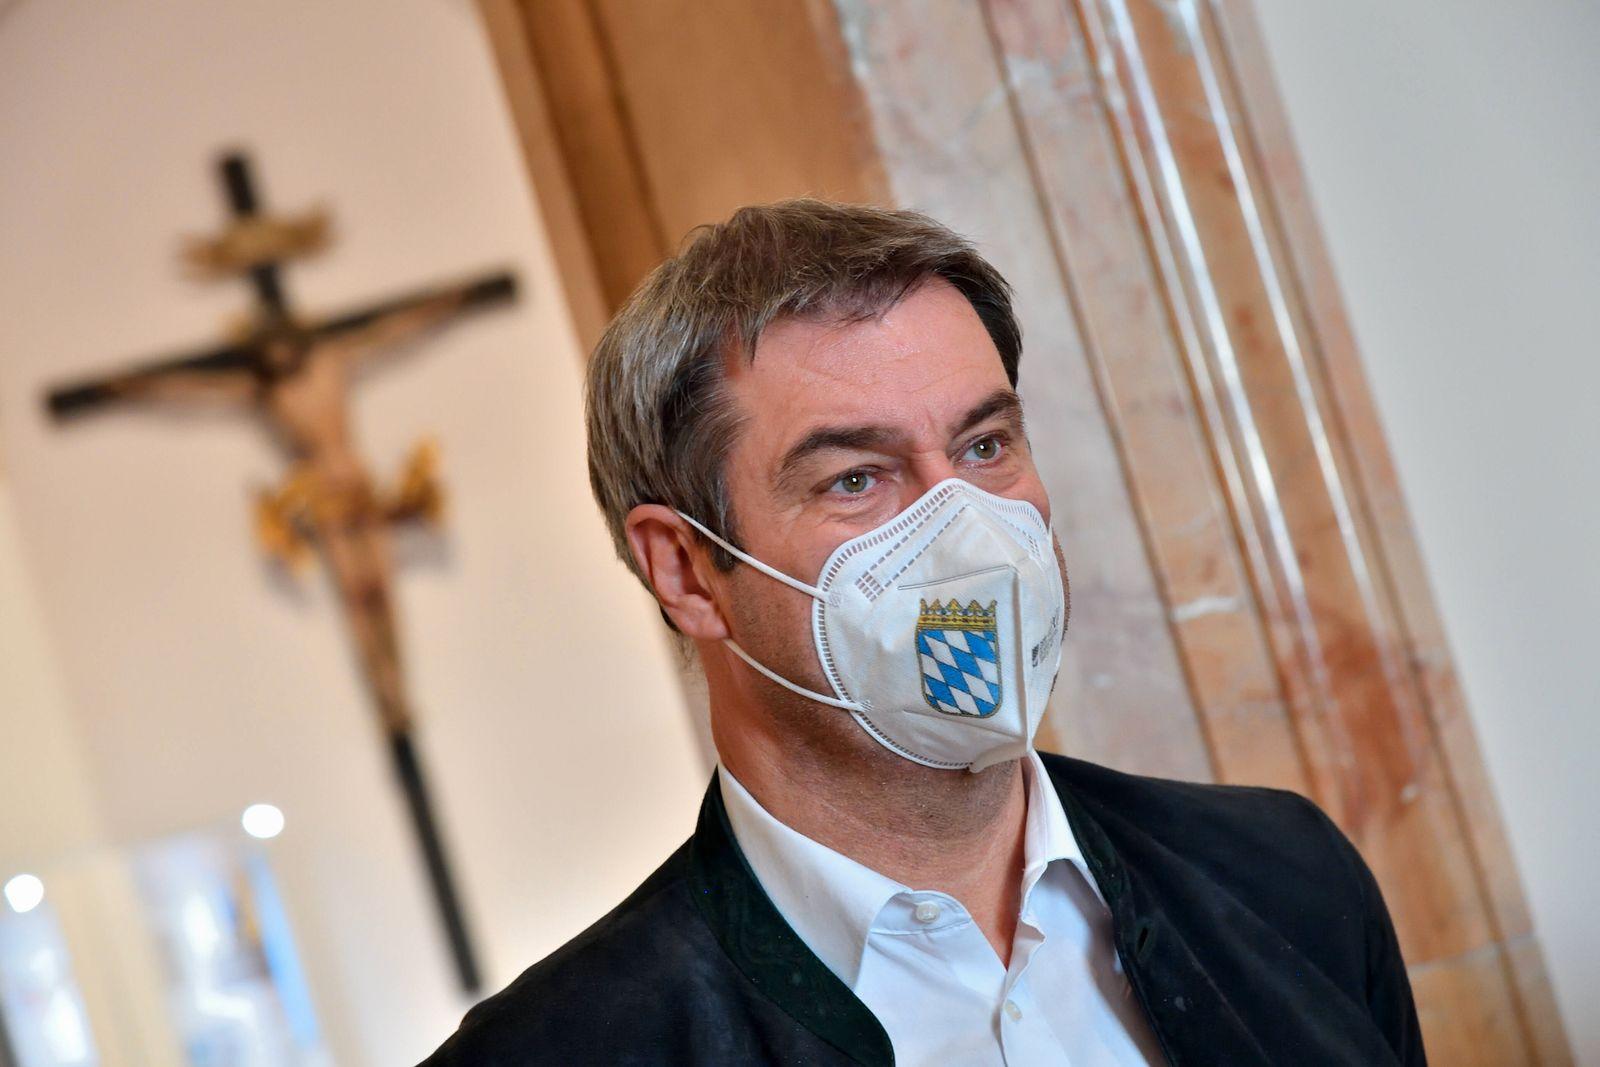 Markus Söder mit FFP2-Maske. Markus Söder, der Bayerische Ministerpräsident und Parteivorsitzender der CSU mit FFP2-Mask